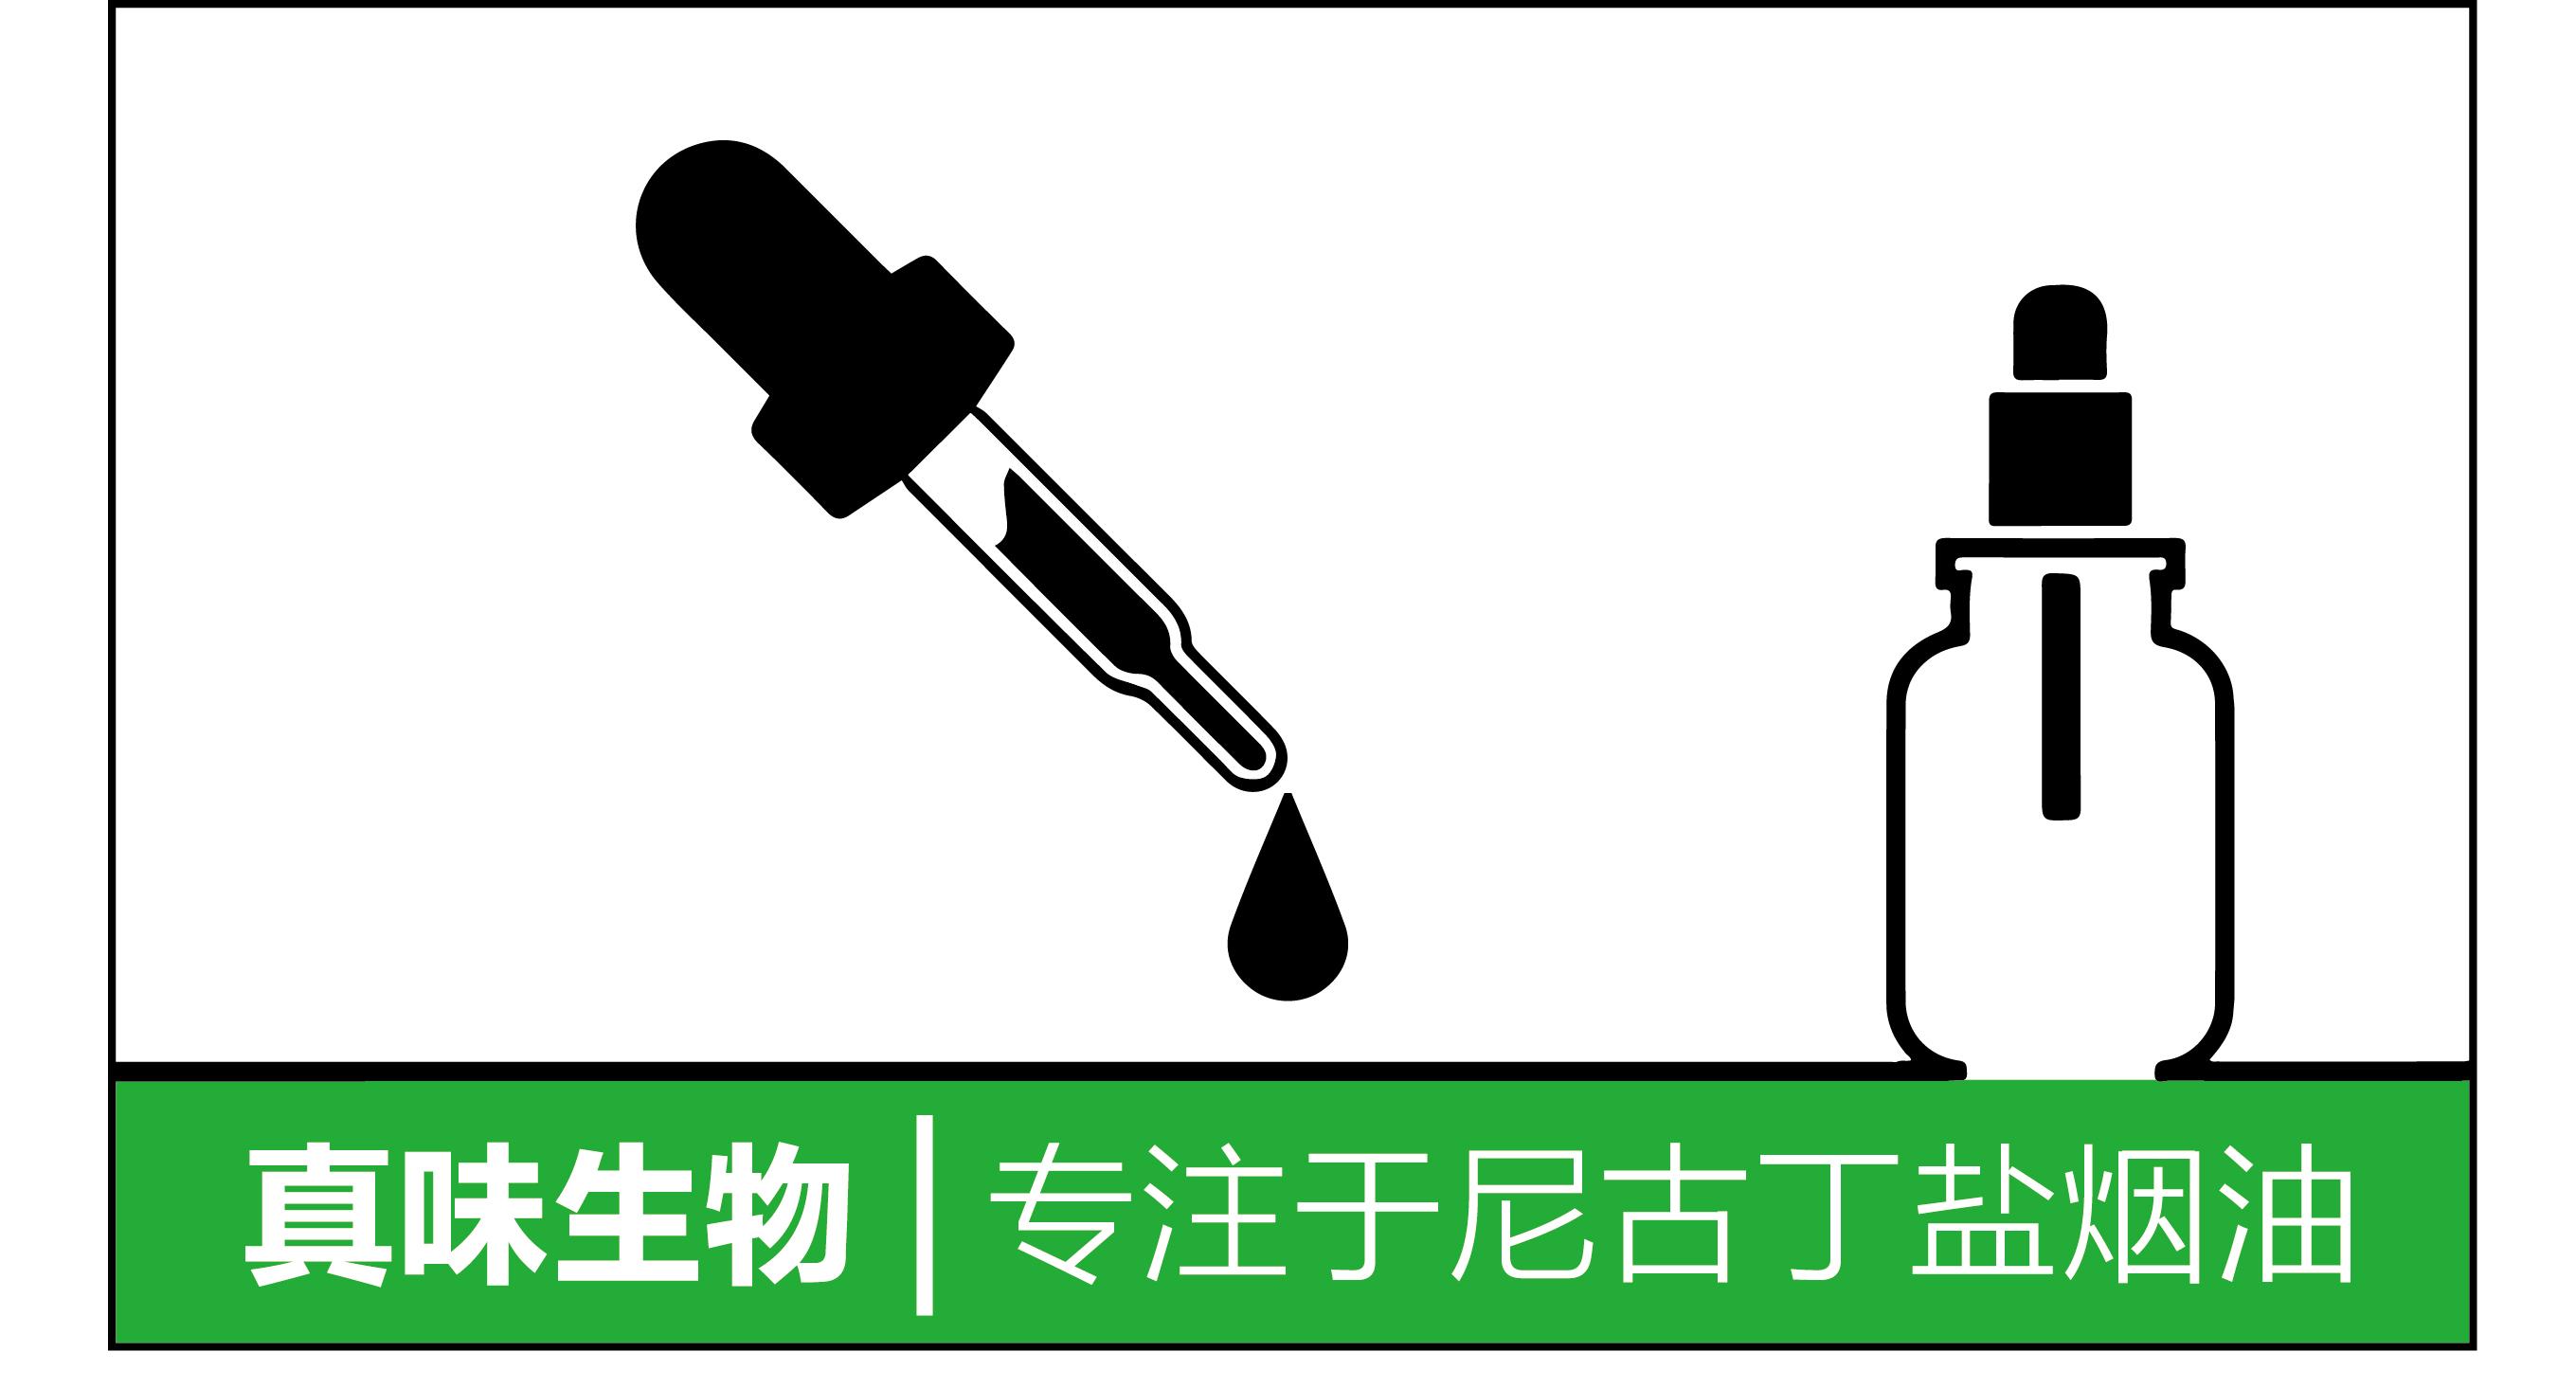 8D52-深圳市真味生物科技有限公司-尼古丁盐烟油